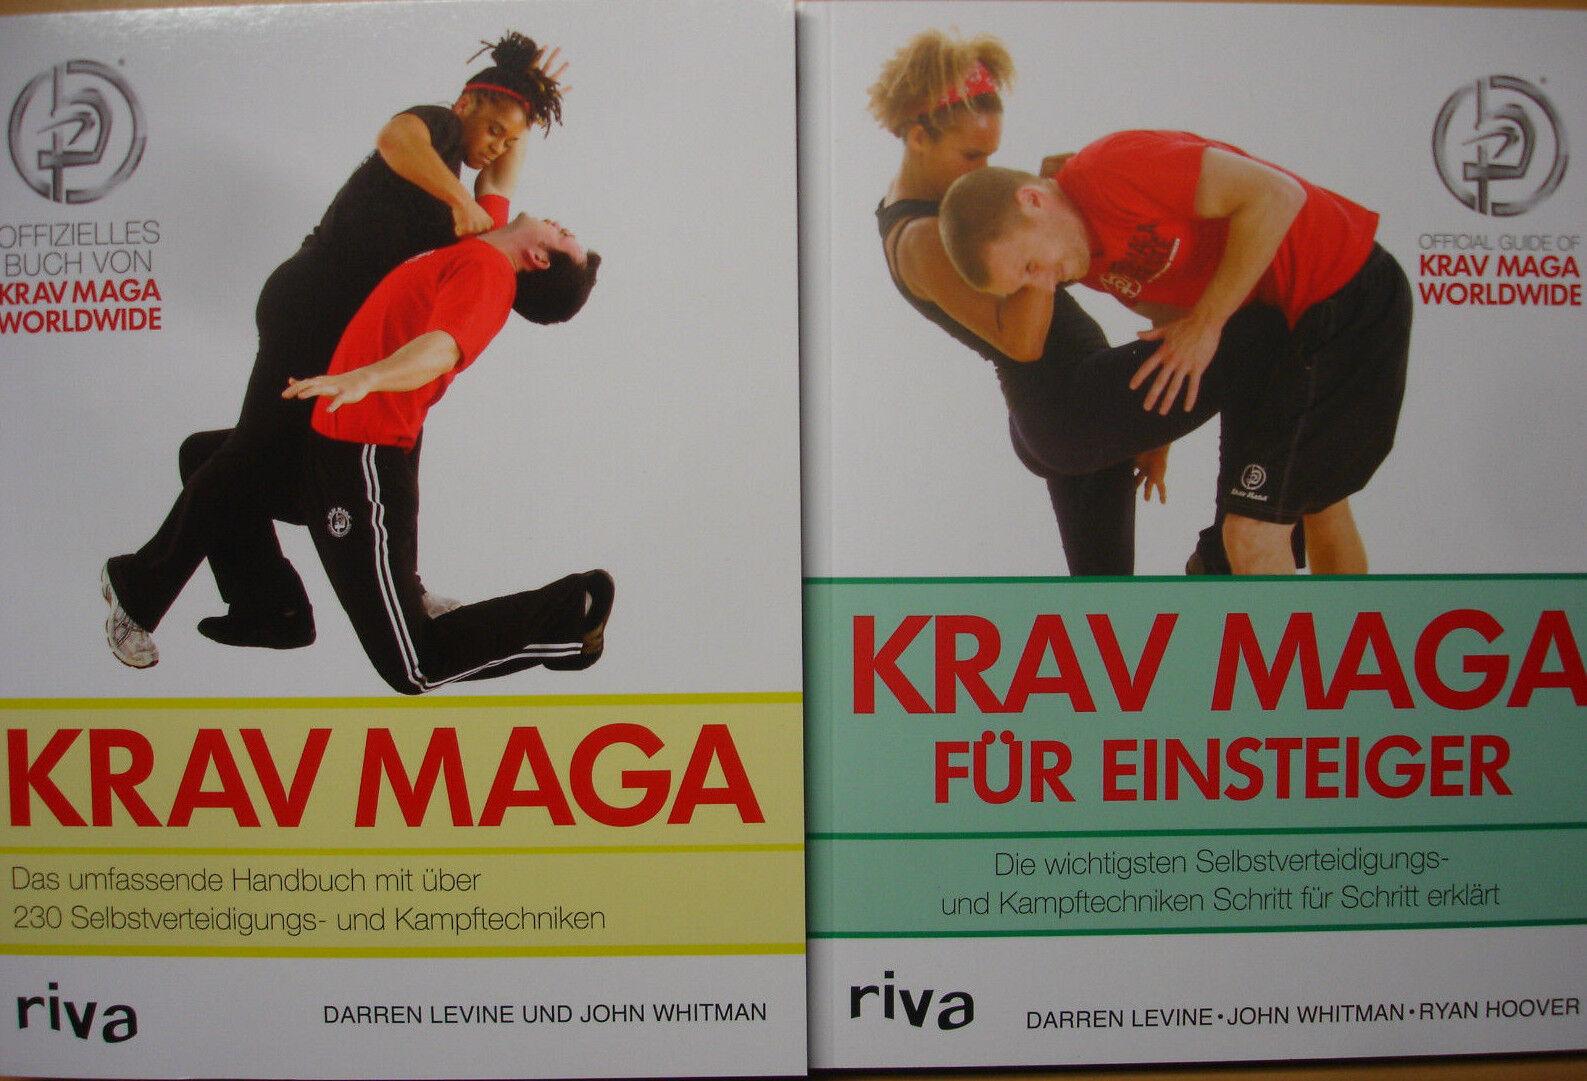 KRAV KRAV KRAV MAGA 2 x SelbstGrüneidigung Kampftechnik Training Hand-Buch Kampfsport NEU  | Marke  | Erste Gruppe von Kunden  | Schön und charmant  769173